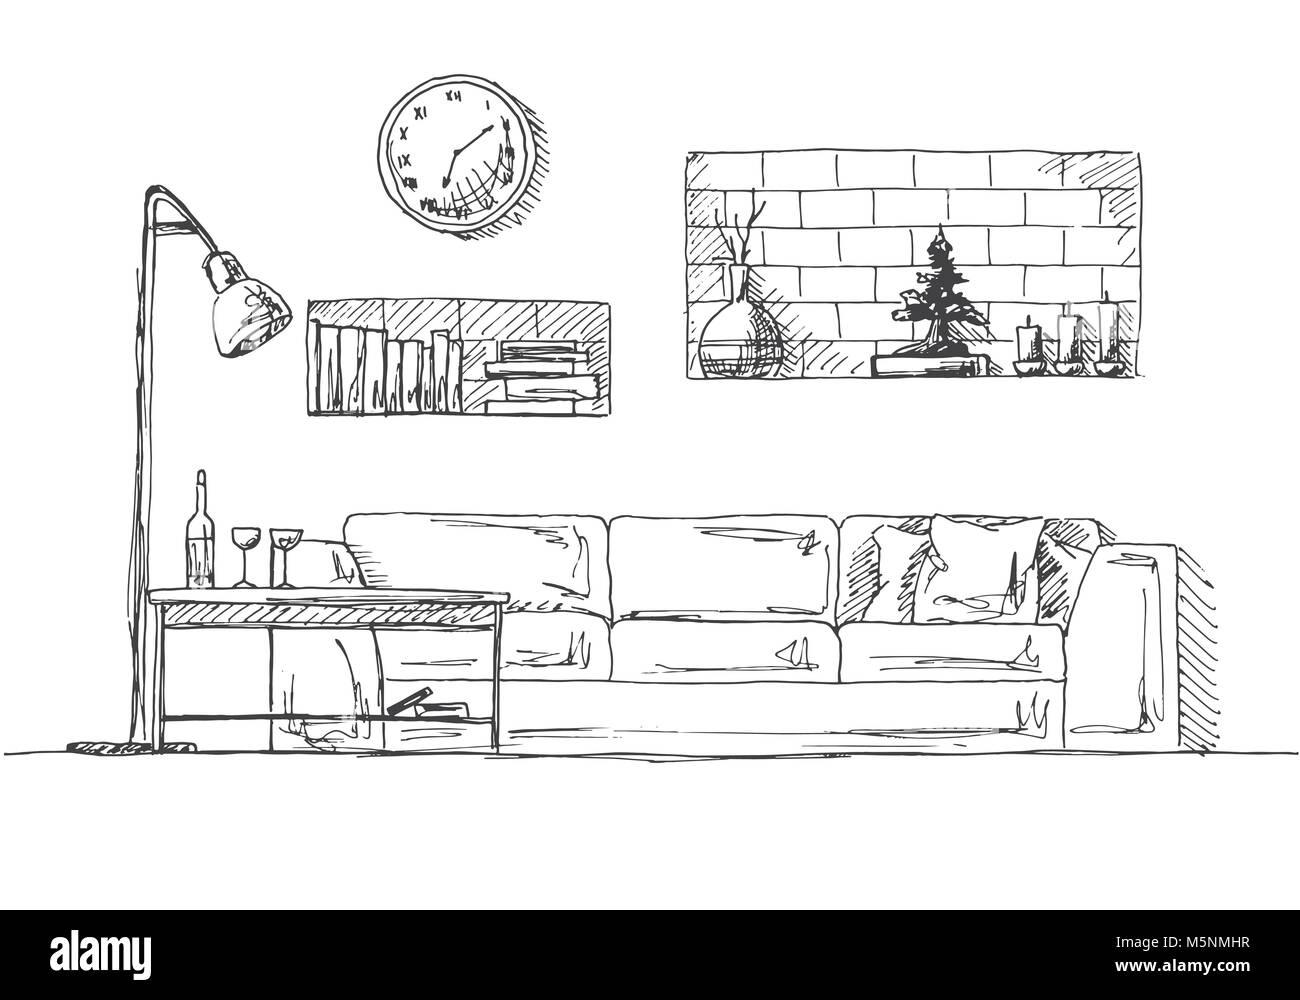 Divano Mensole A Muro Tavolo E Lampada Da Terra Disegnata A Mano Illustrazione Vettoriale Di Un Disegno Stile Immagine E Vettoriale Alamy